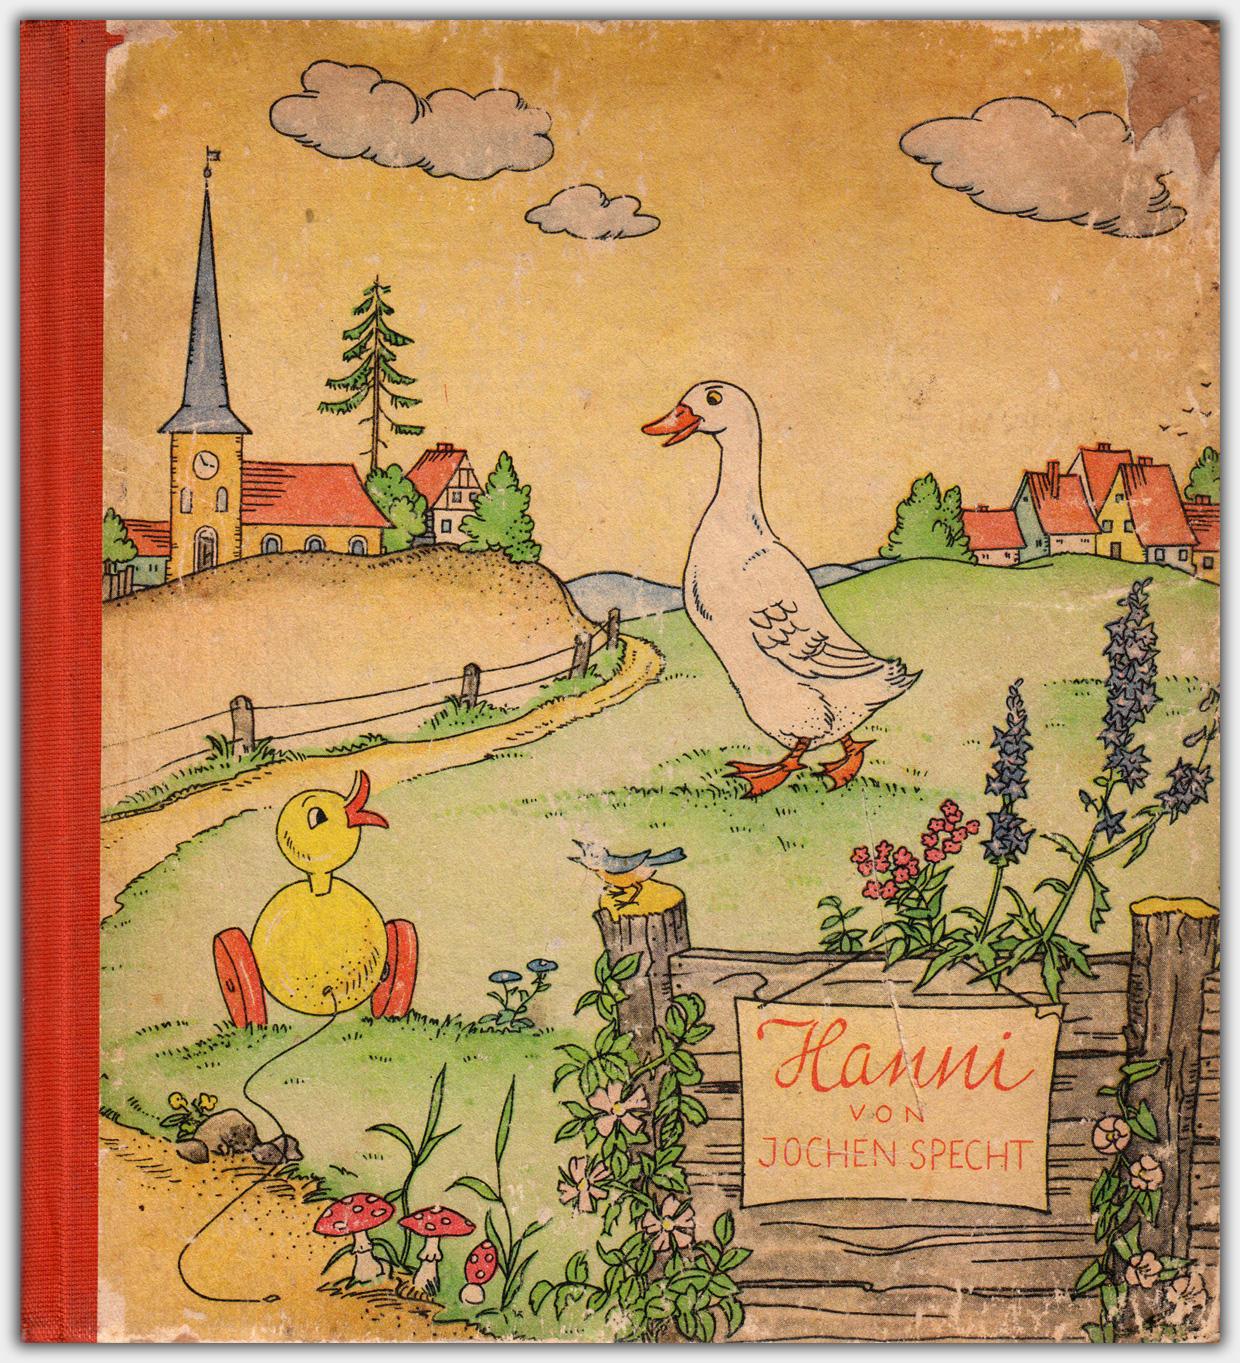 Hanni - Eine Entengeschichte